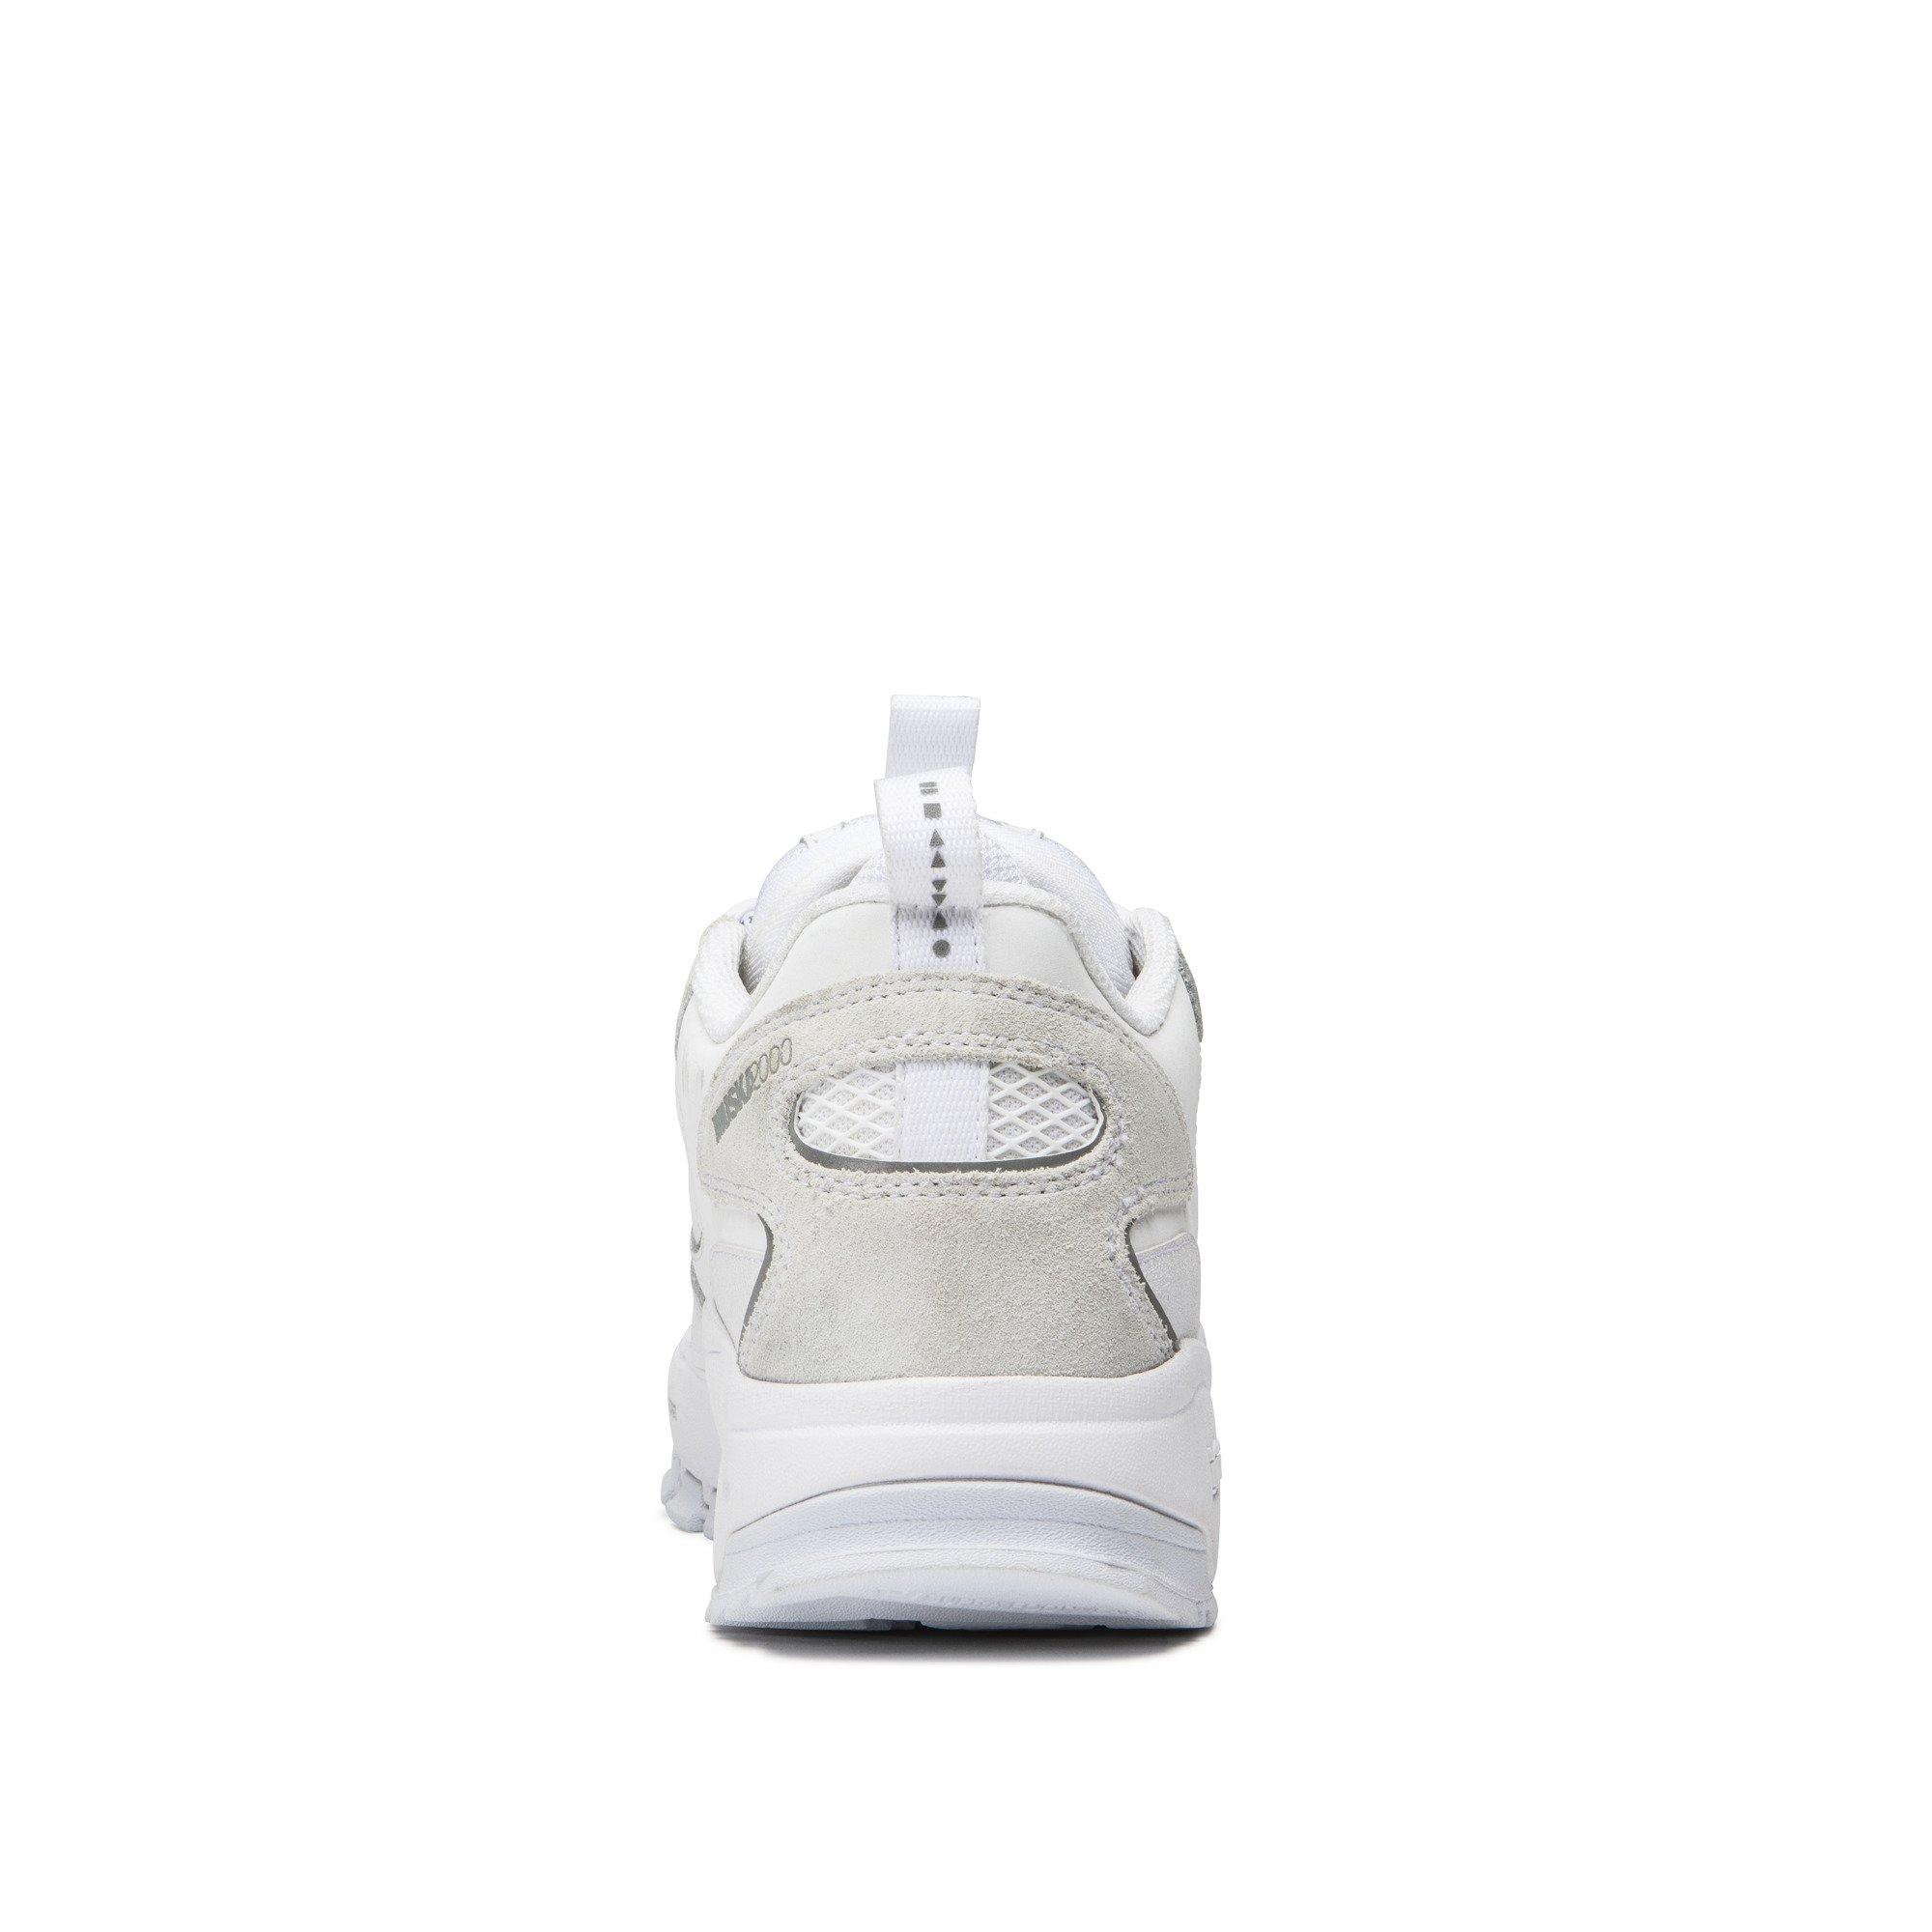 画像2: SUPRA FOOTWEAR : MUSKA 2000 : WHITE